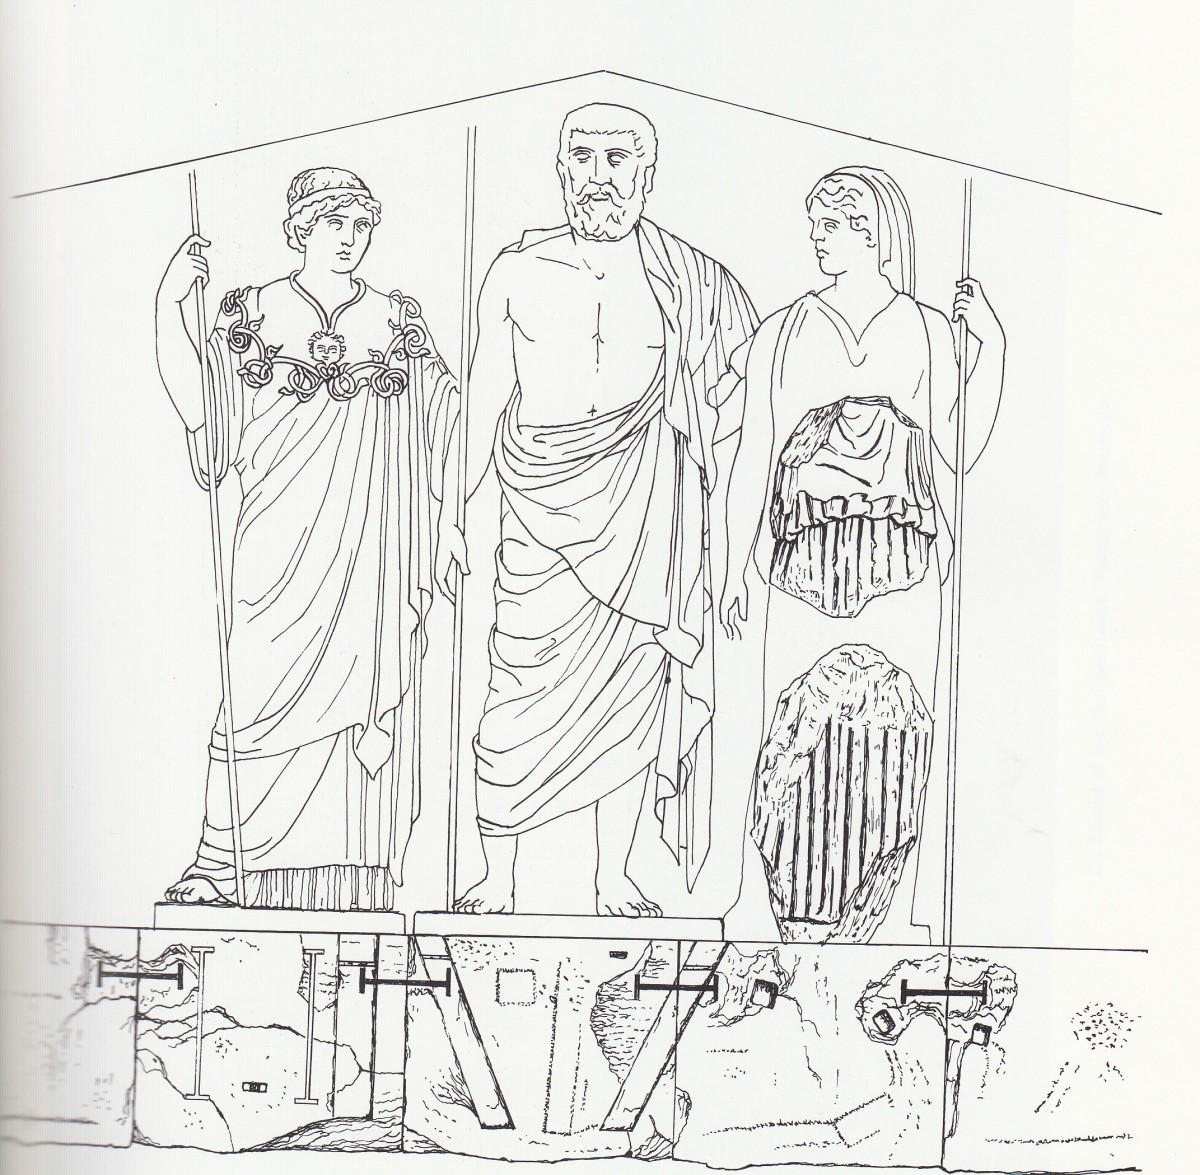 Εικ. 8. Σχεδιαστική αποκατάσταση των κεντρικών μορφών του ανατολικού αετώματος του Παρθενώνα. Αθηνά, Ζευς, Ήρα.